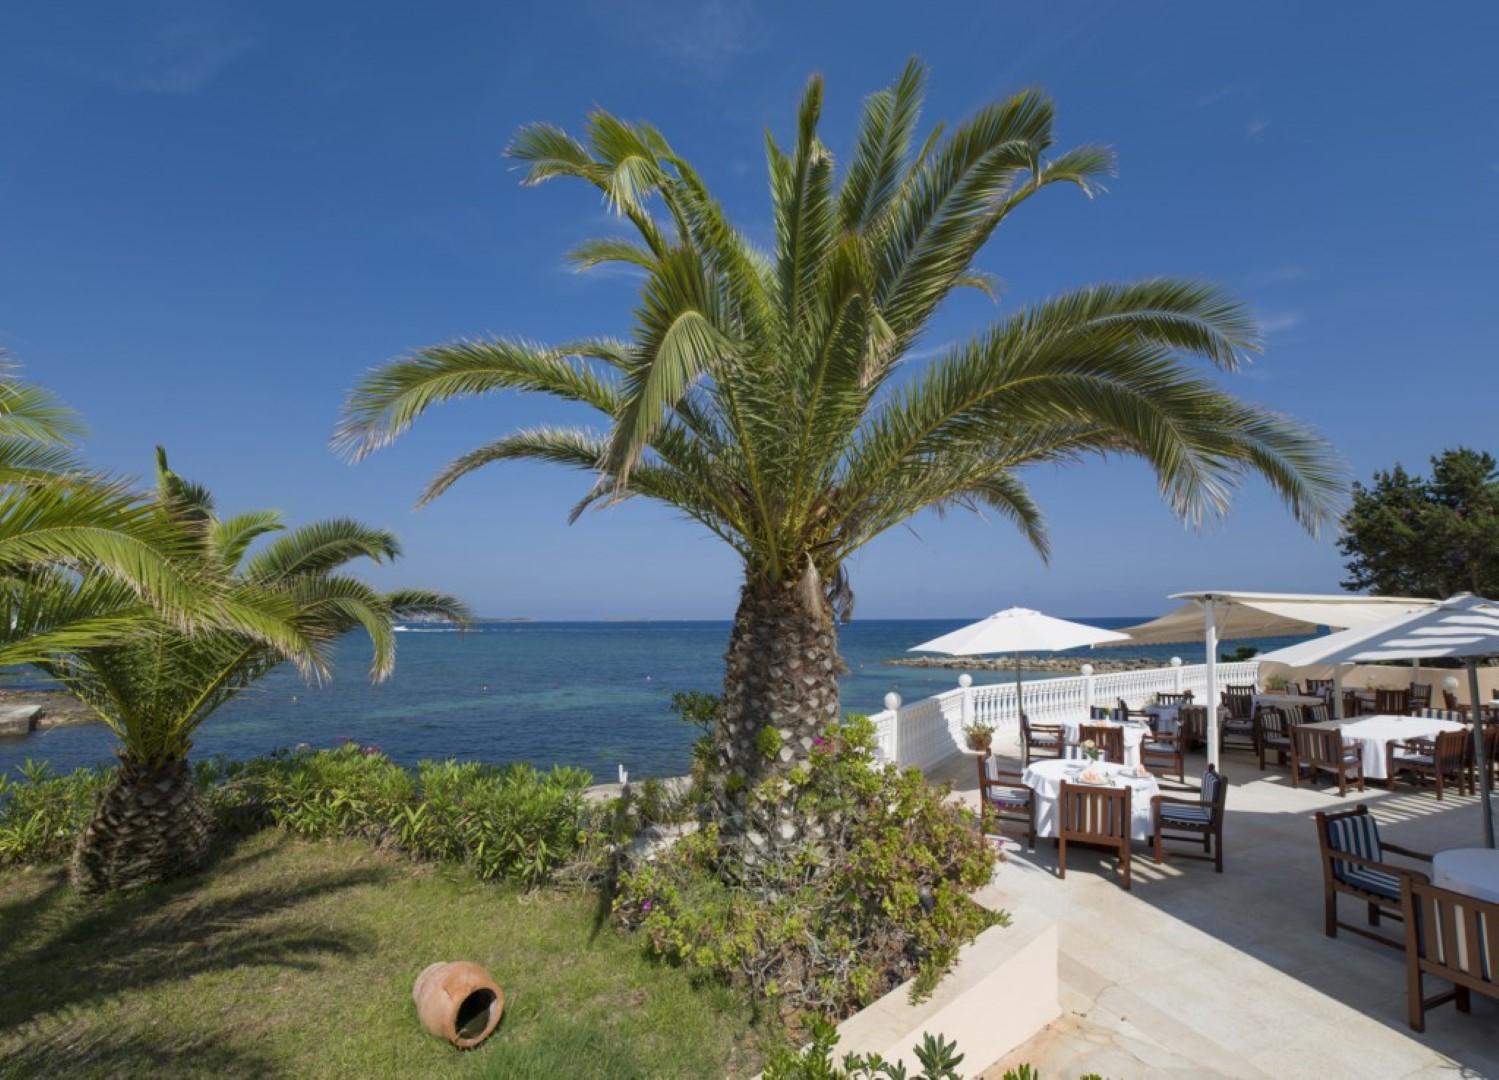 hoteles playa ibiza 31 [1024x768] (Large)